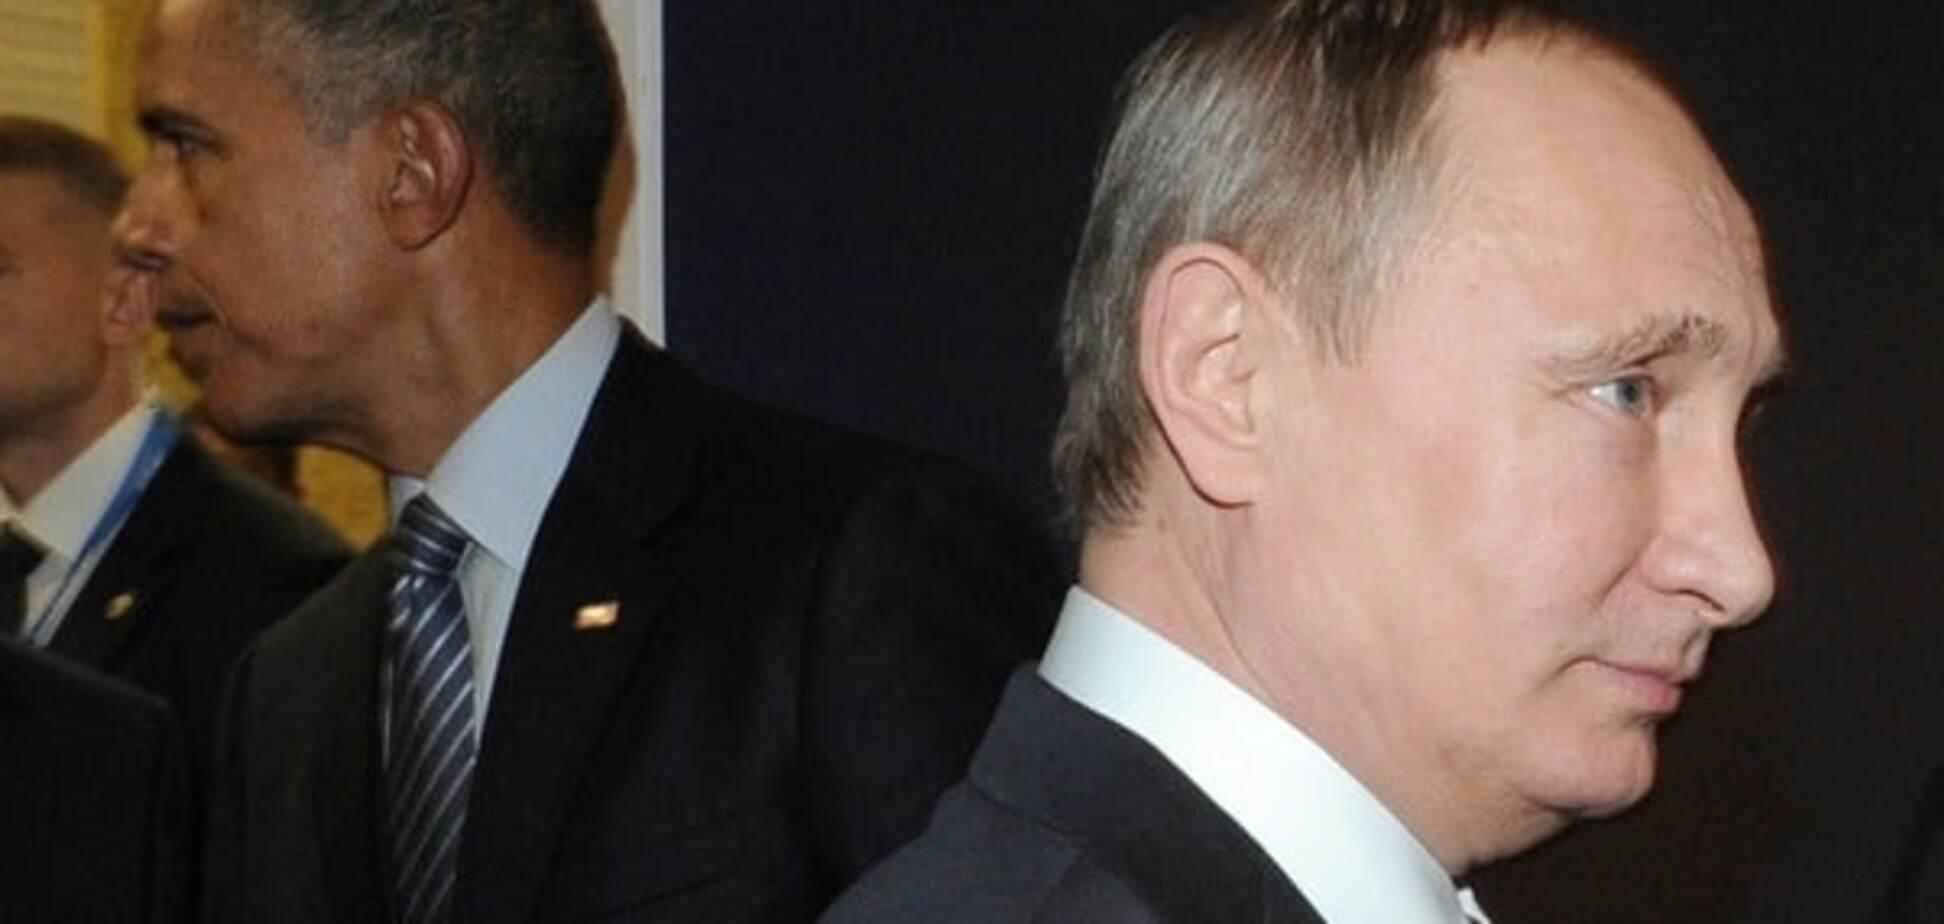 Павловський пояснив фразу Обами про 'неповного дурня' Путіна